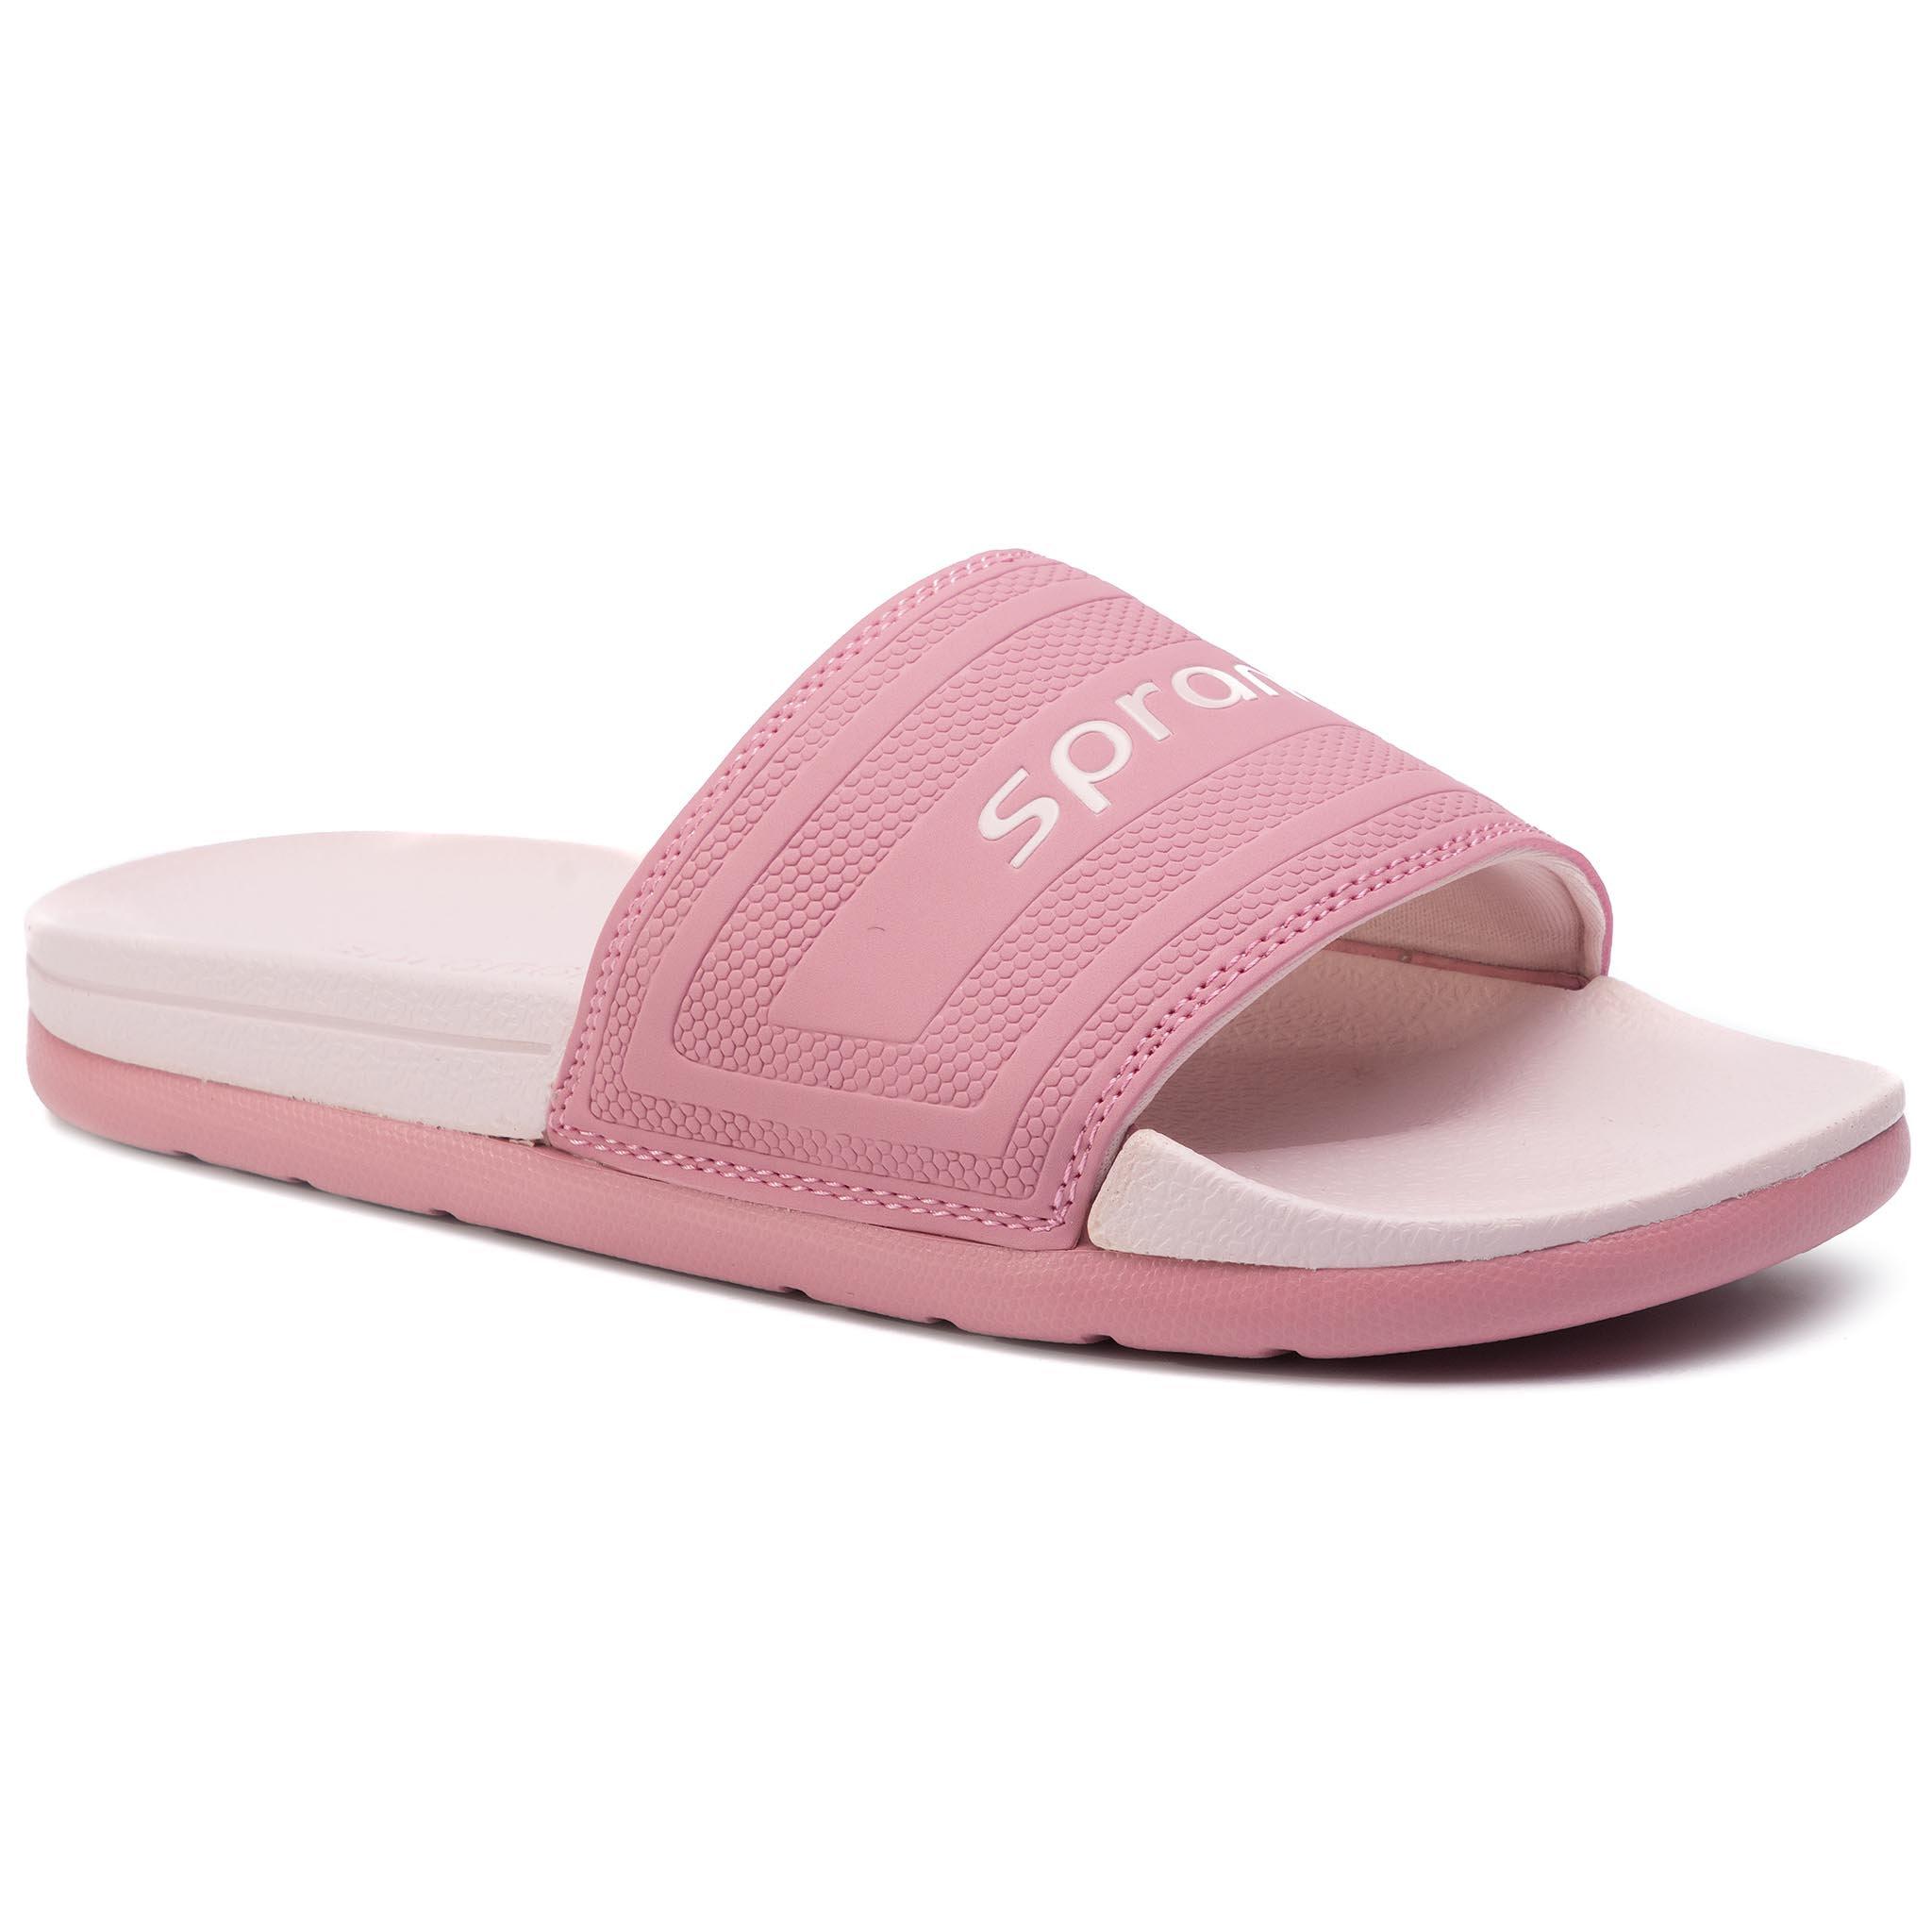 ccc buty klapki plażowe